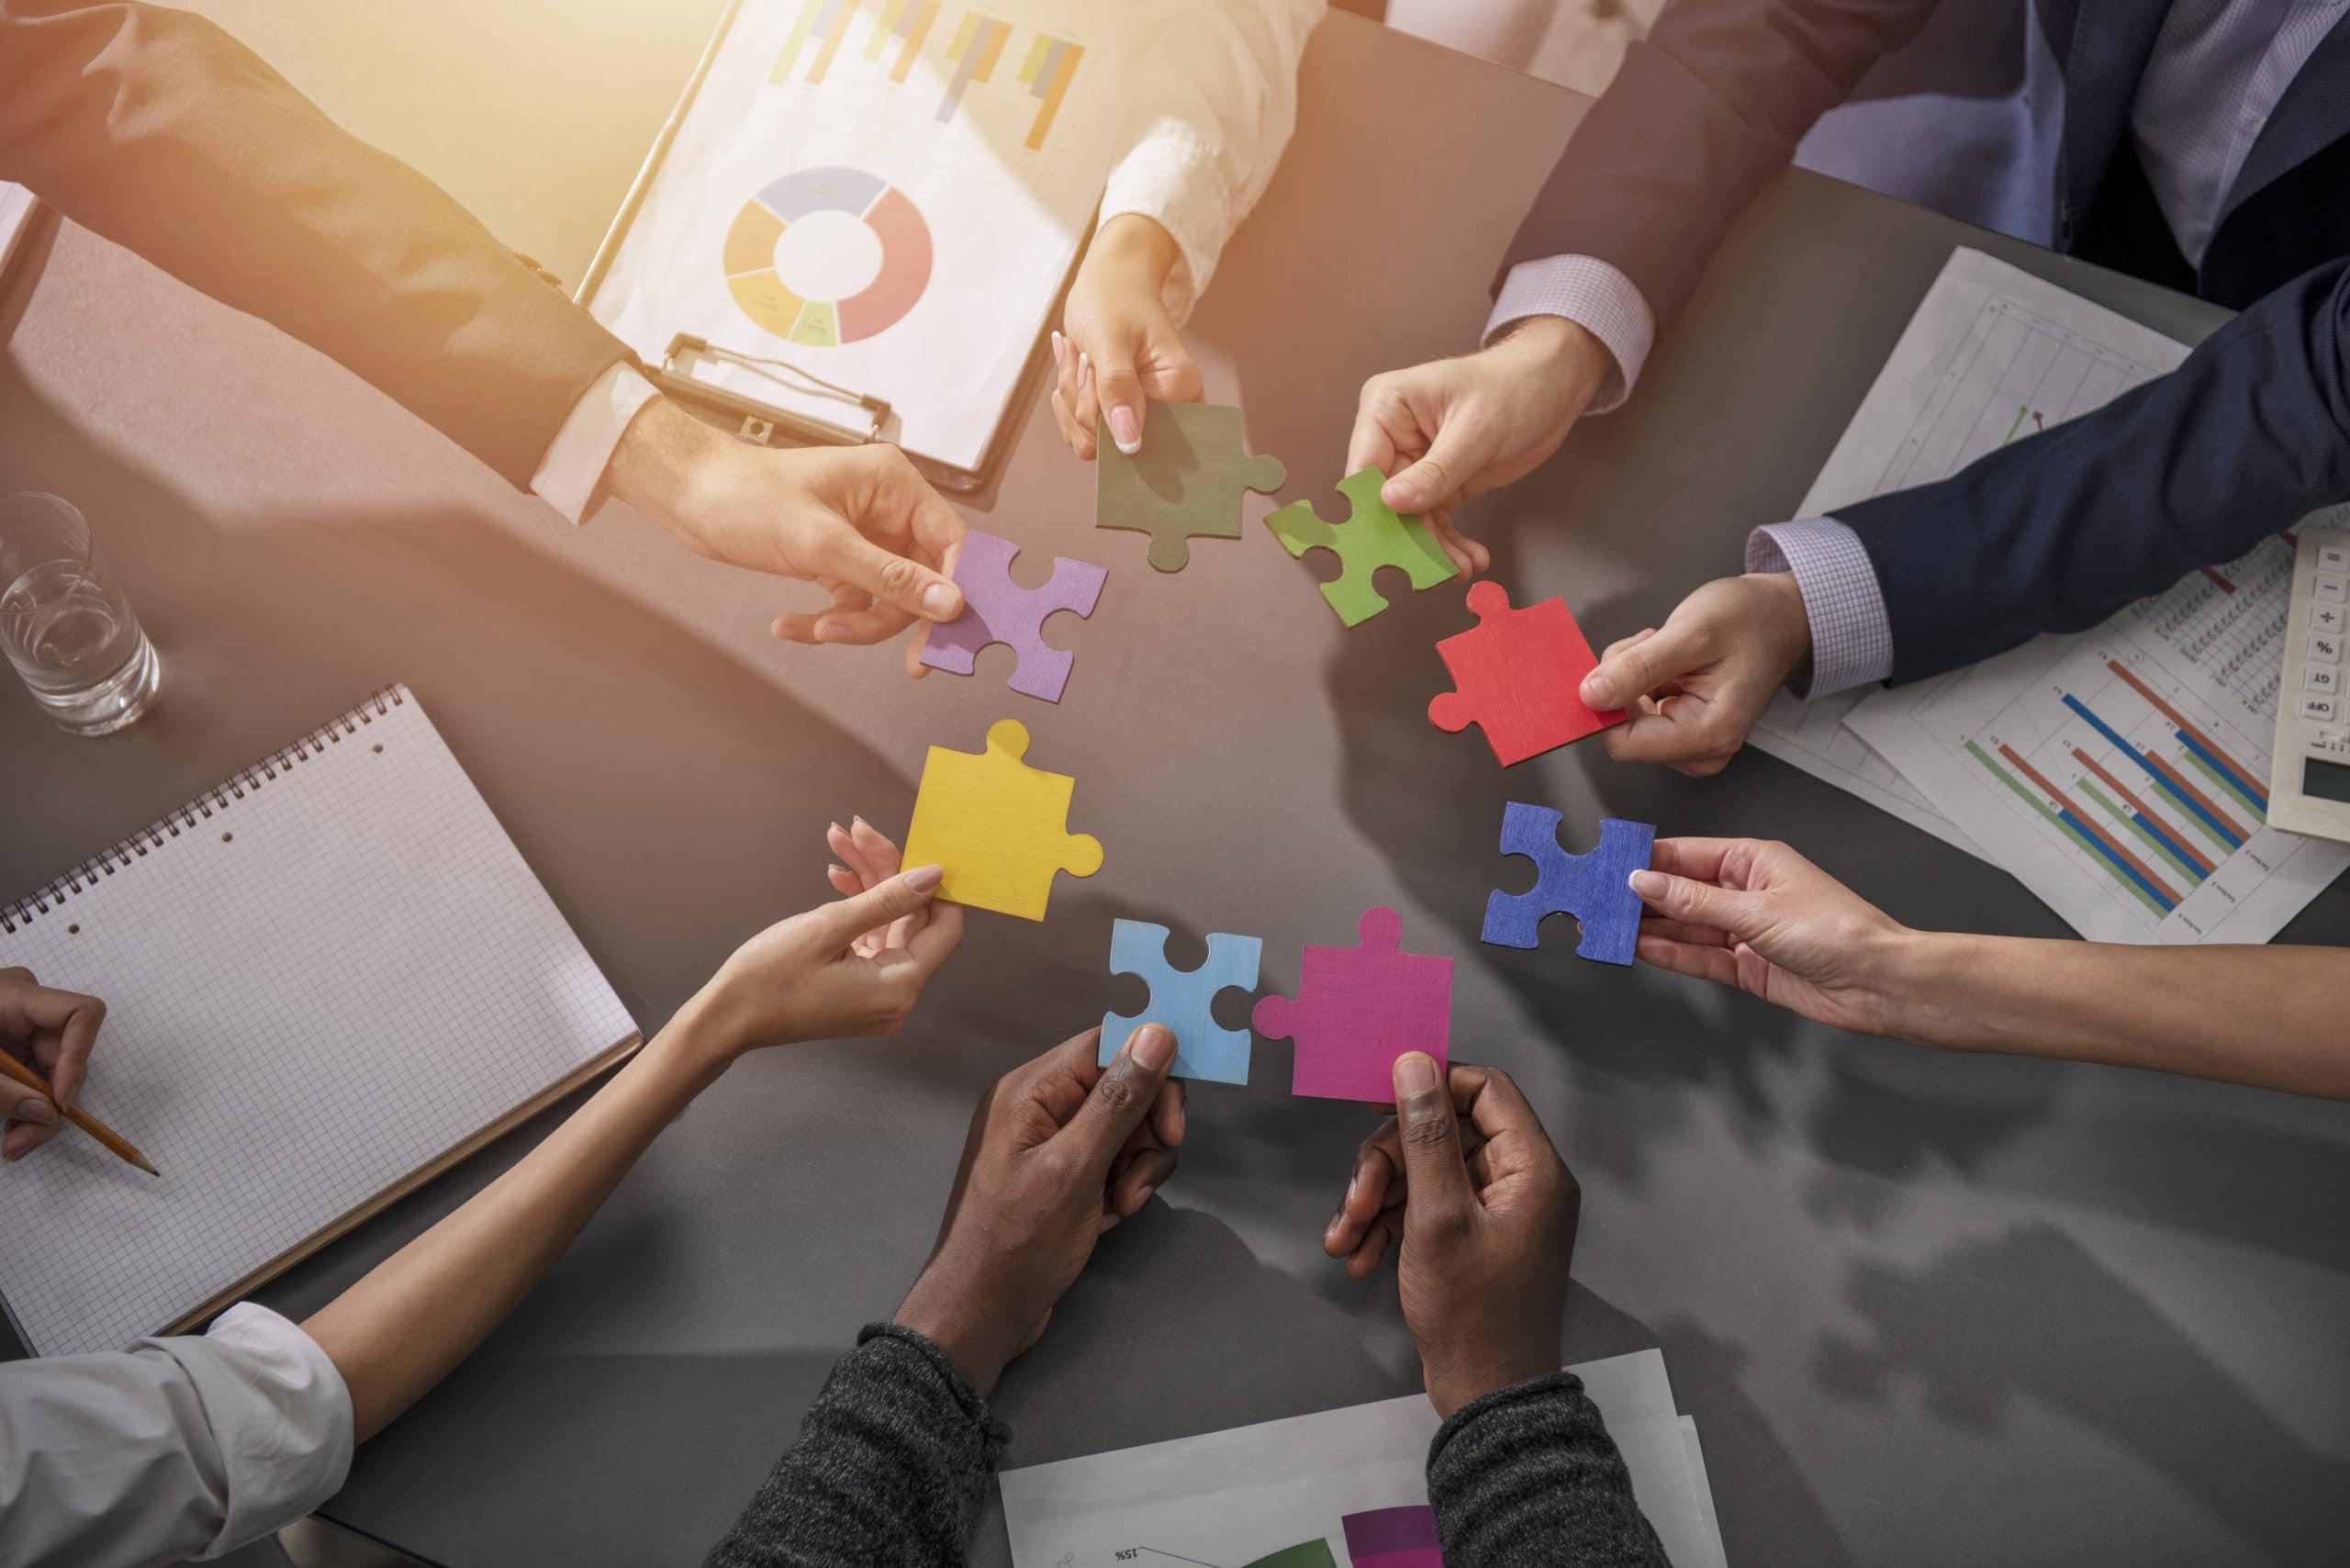 marketing-b2b-gera-oportunidades-para-a-sua-empresa